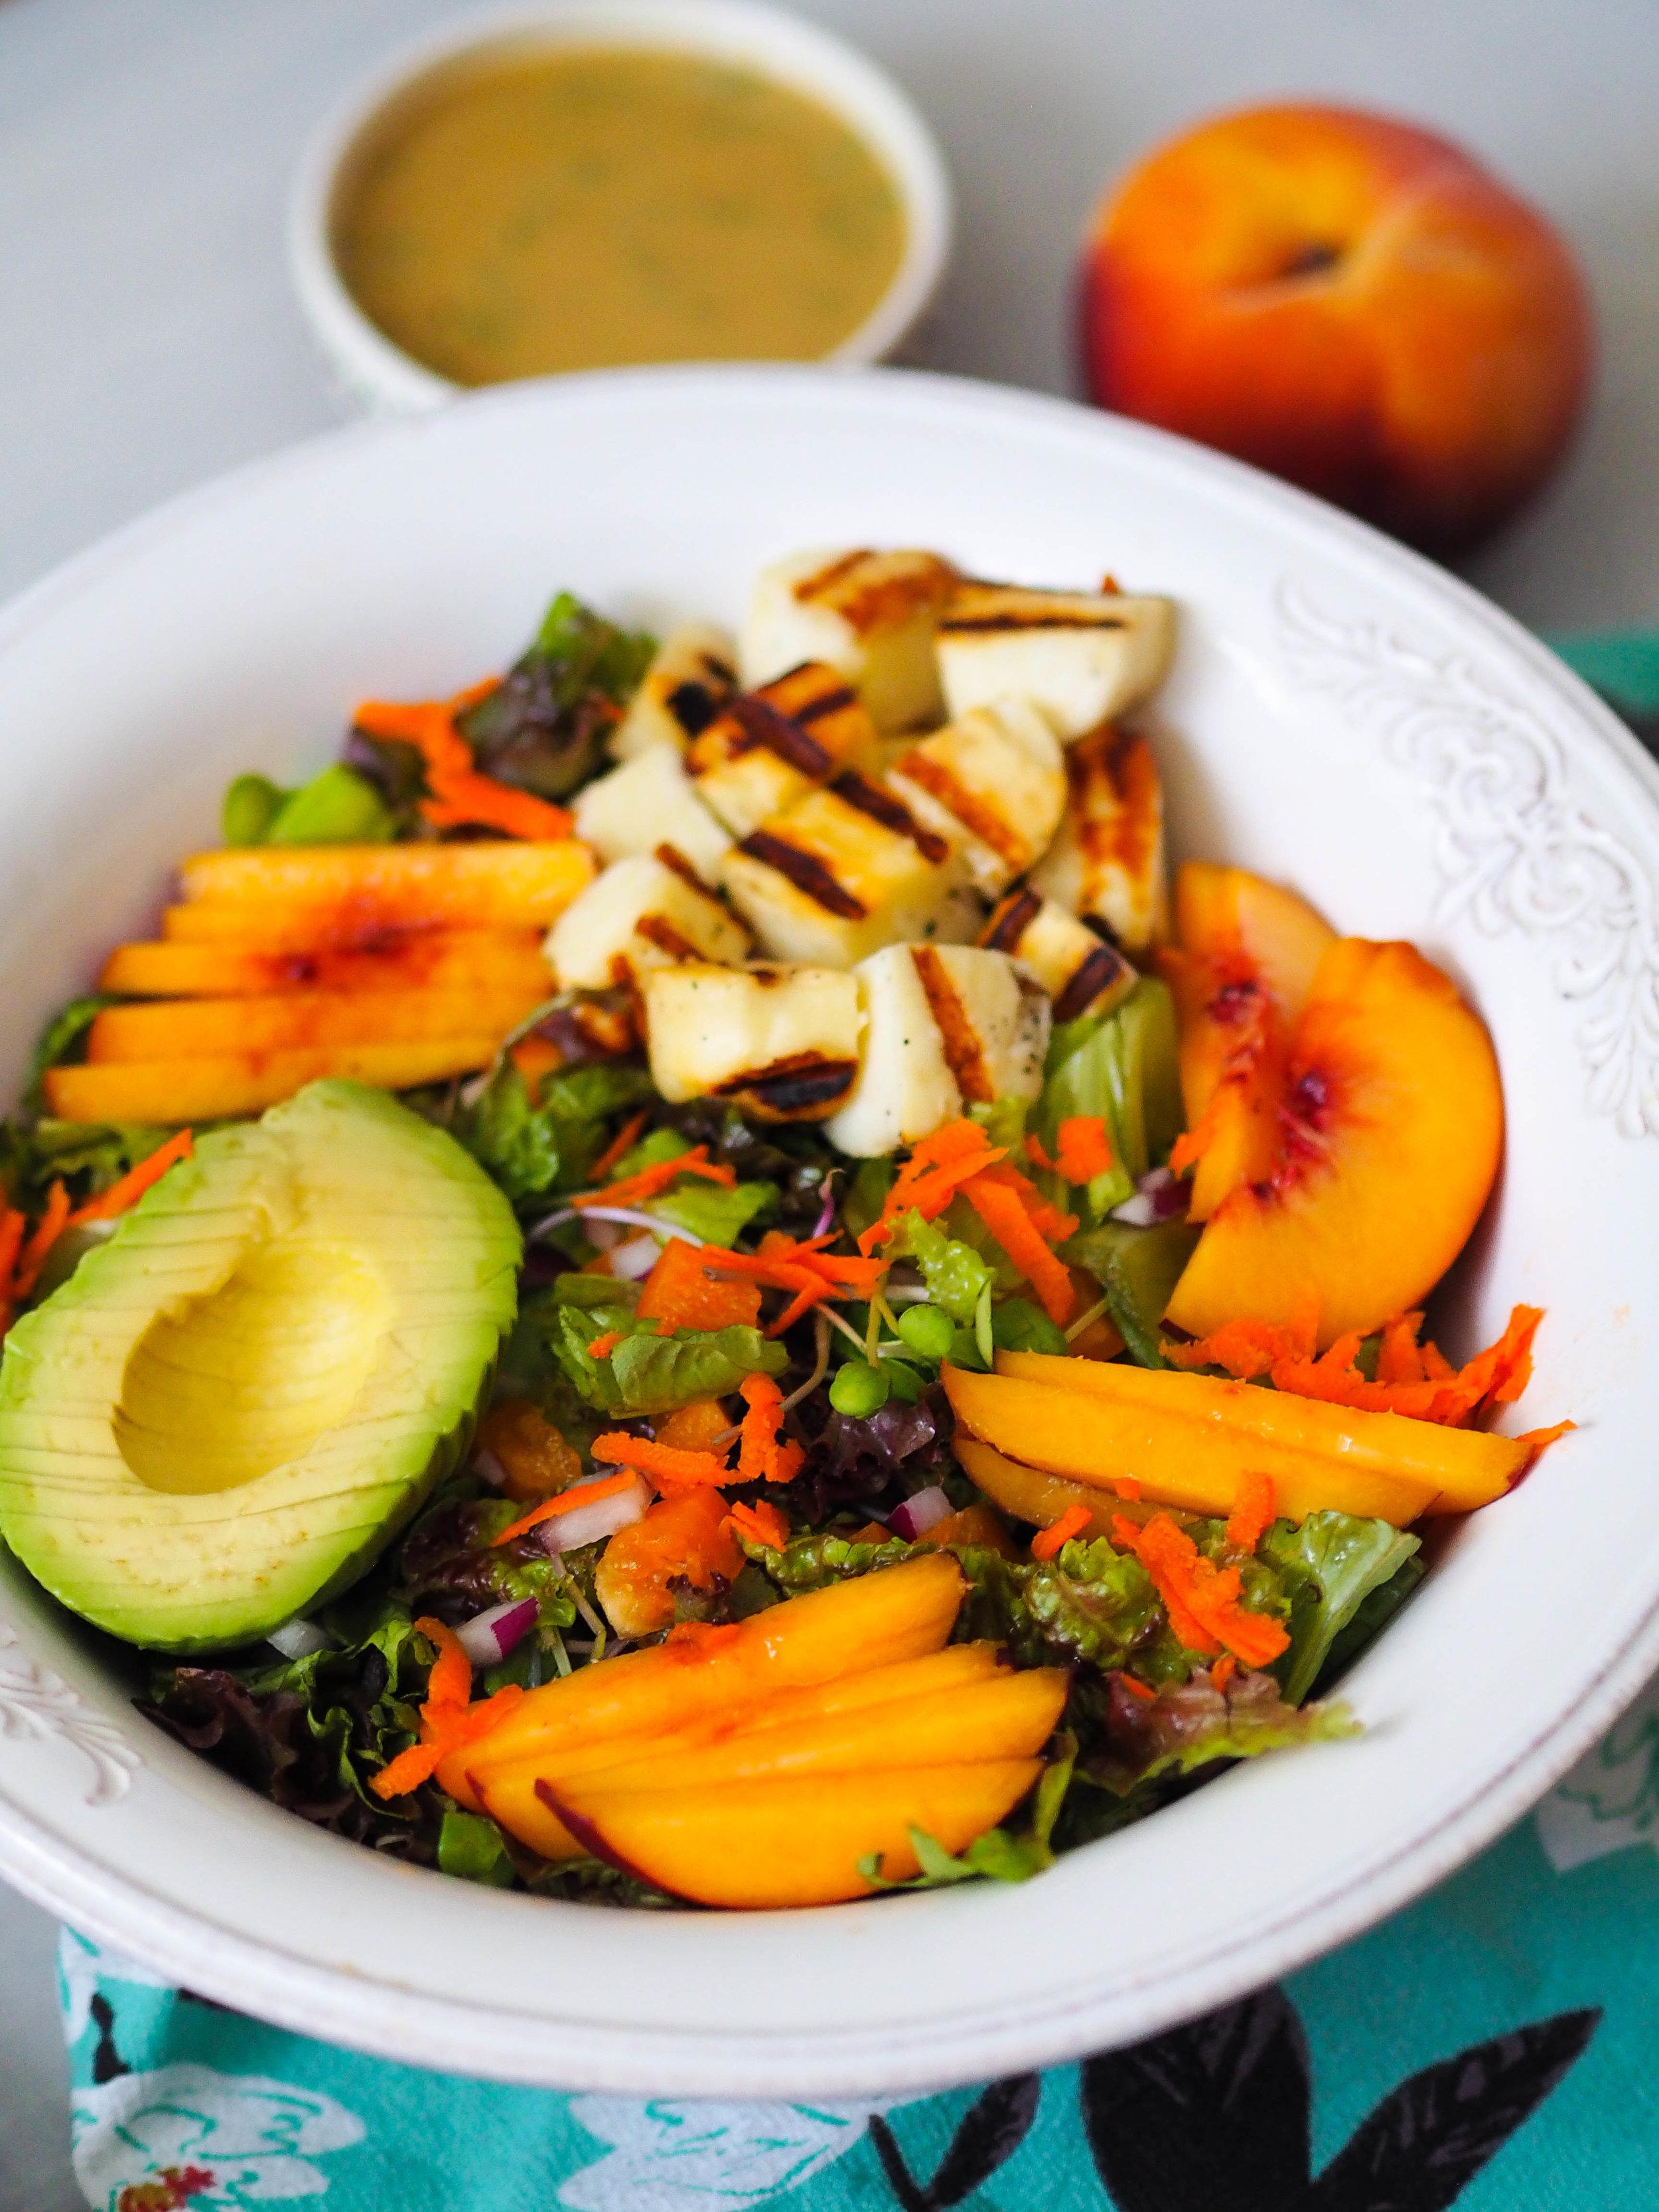 让这个夏天和朱丽叶一起吃沙拉,和西丝酱搭配!快点新鲜的东西!#######克里斯蒂娜,一种素食#